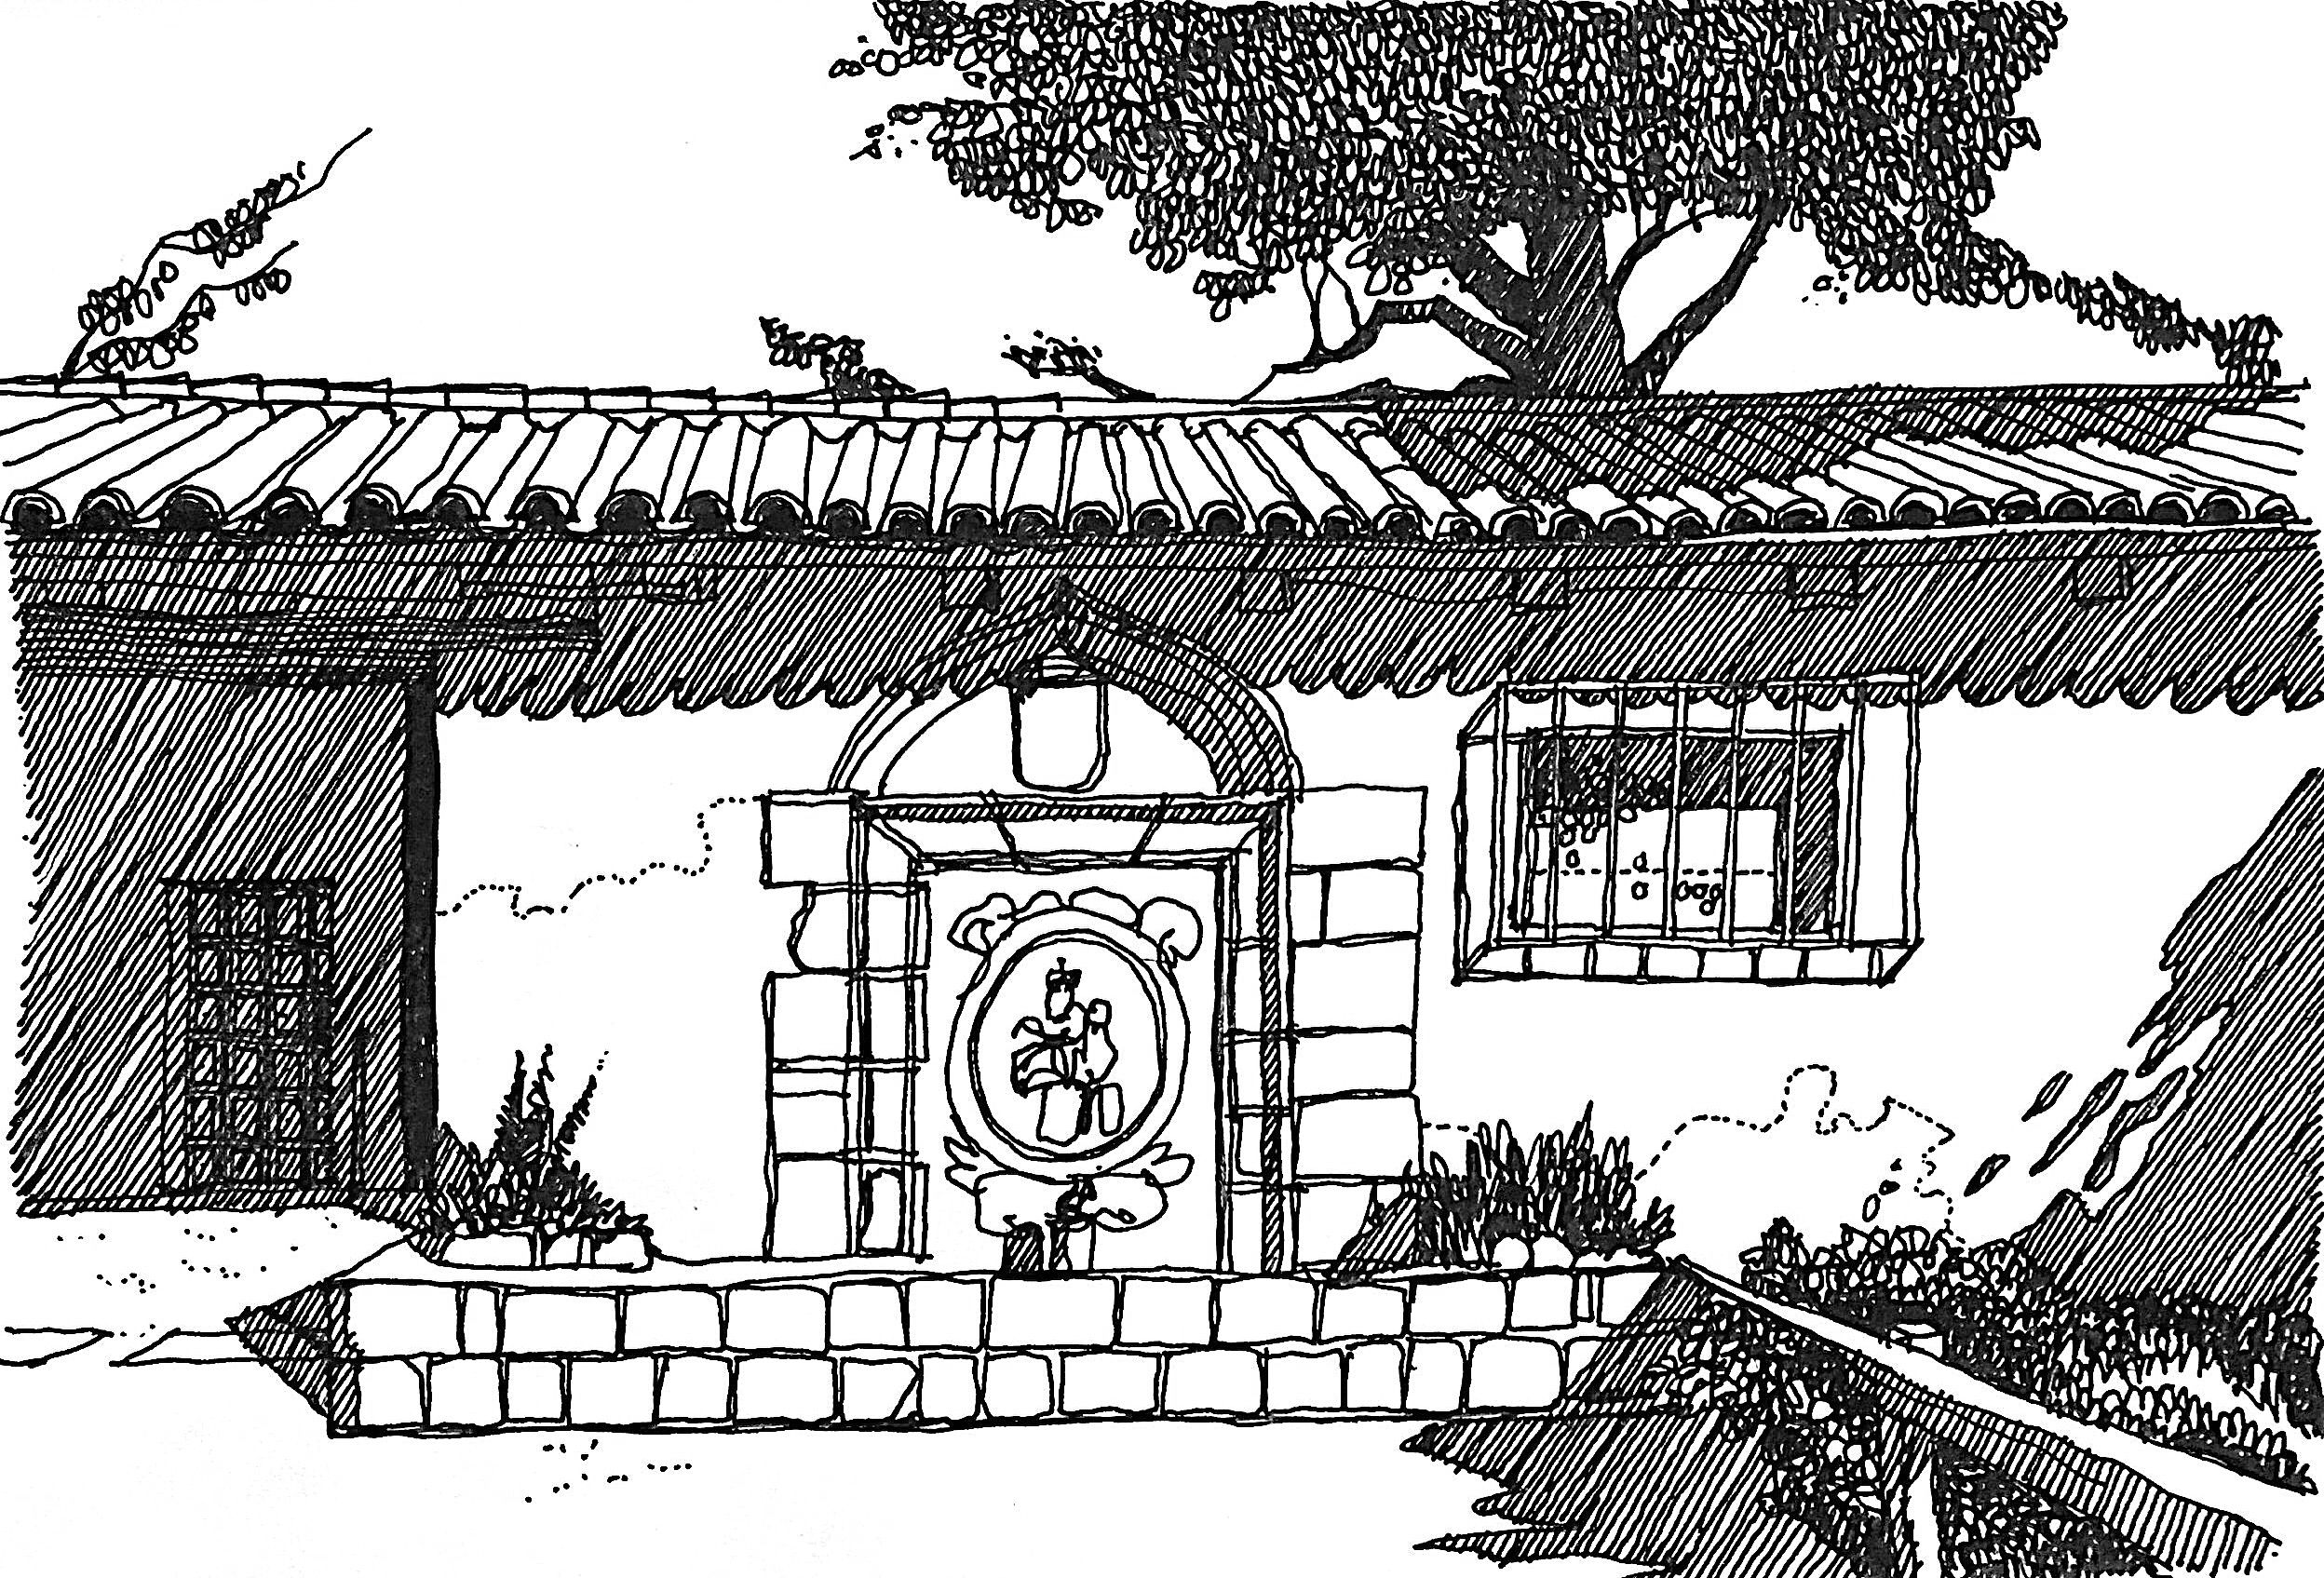 Carmel Mission, California. Hand sketch by Carlos Almeida.